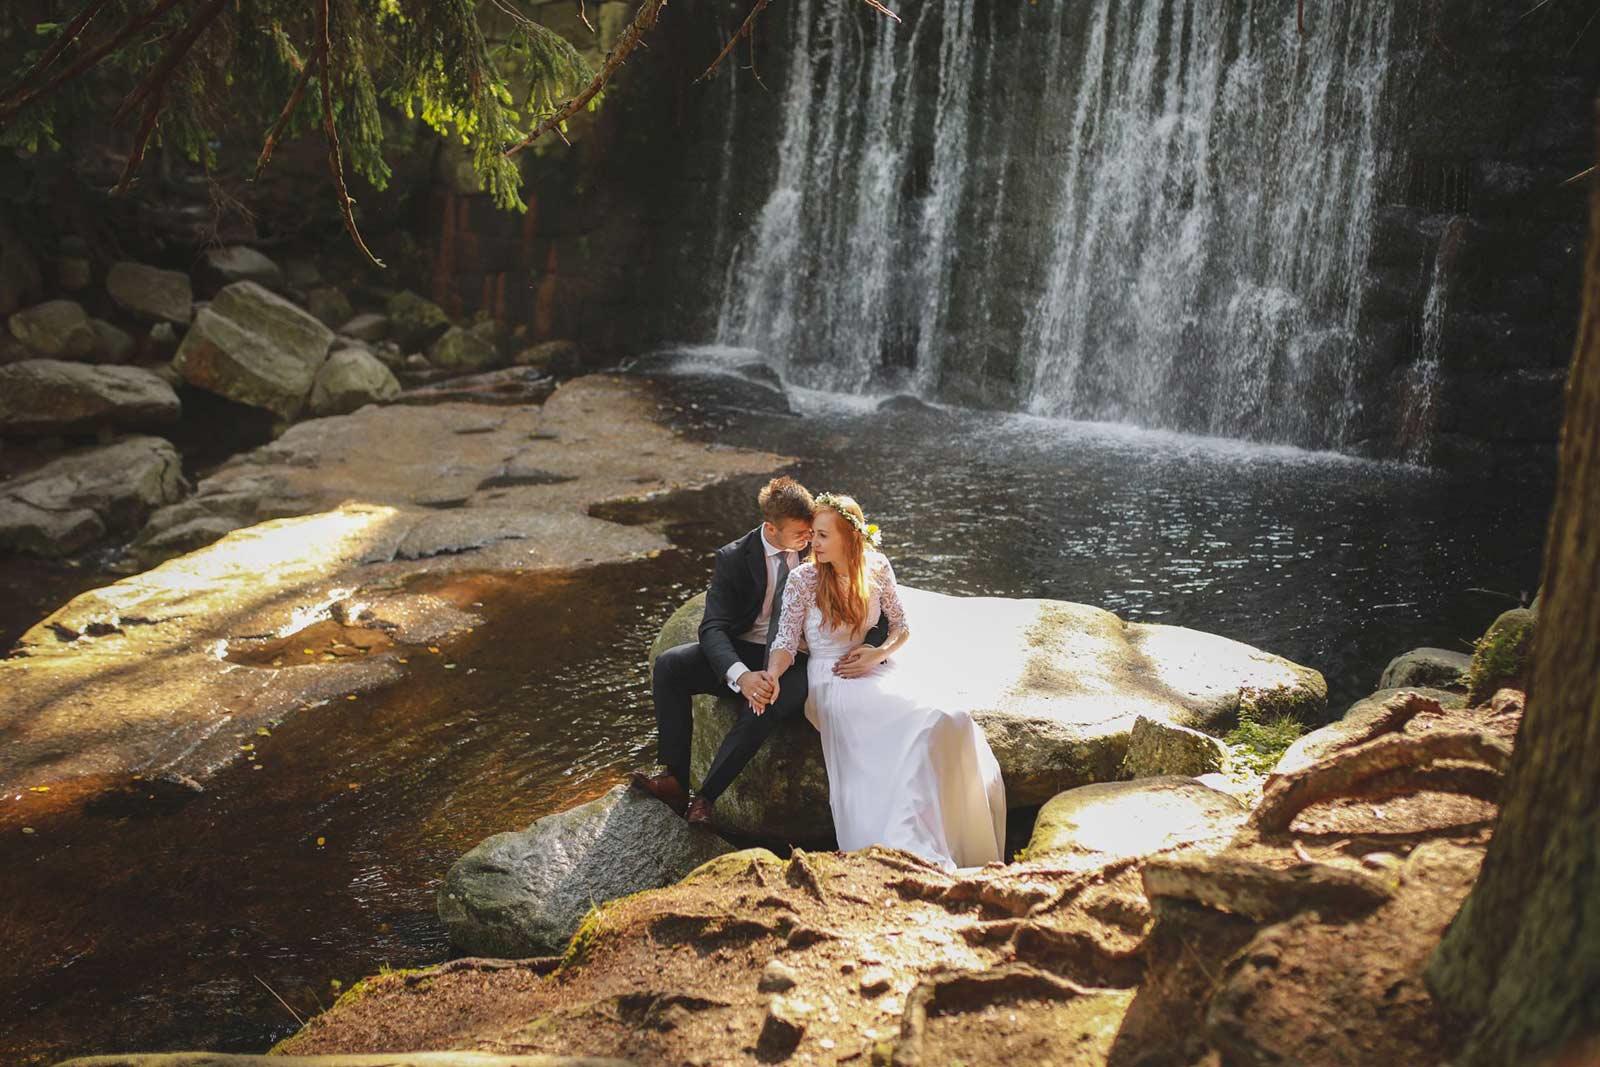 romantyczna sesja nad wodospadem